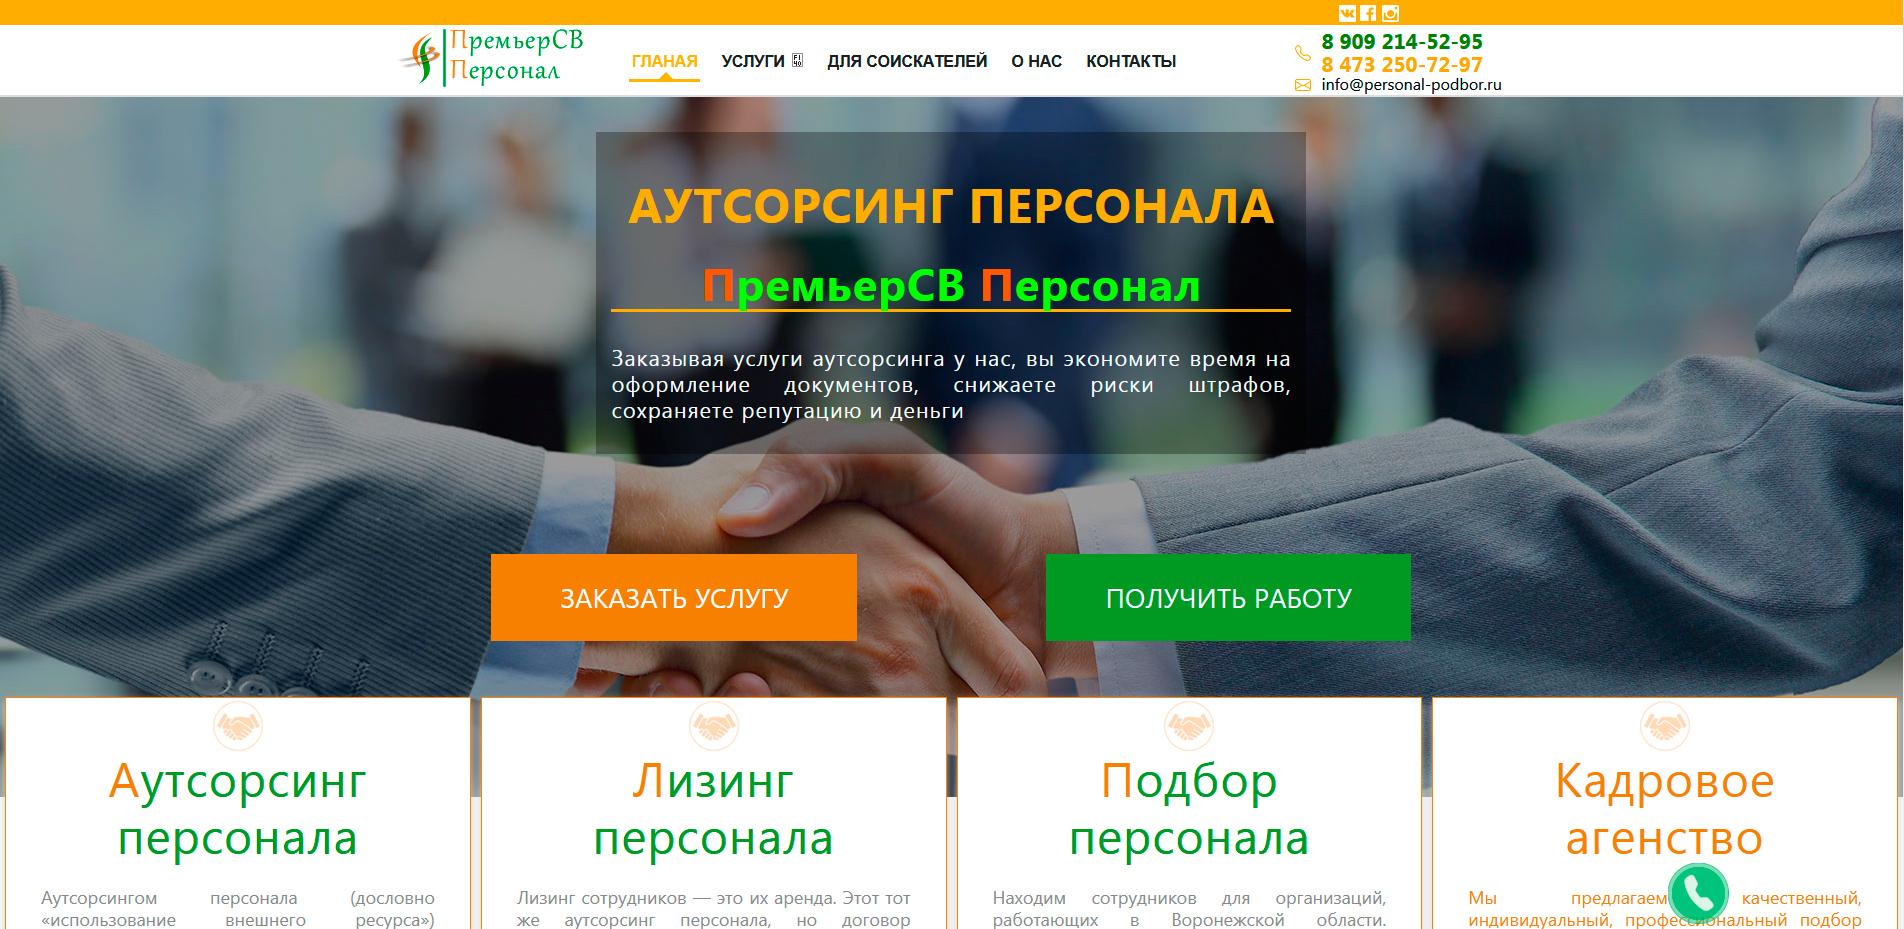 Сайт аутсорсинговой компании - personal-podbor.ru